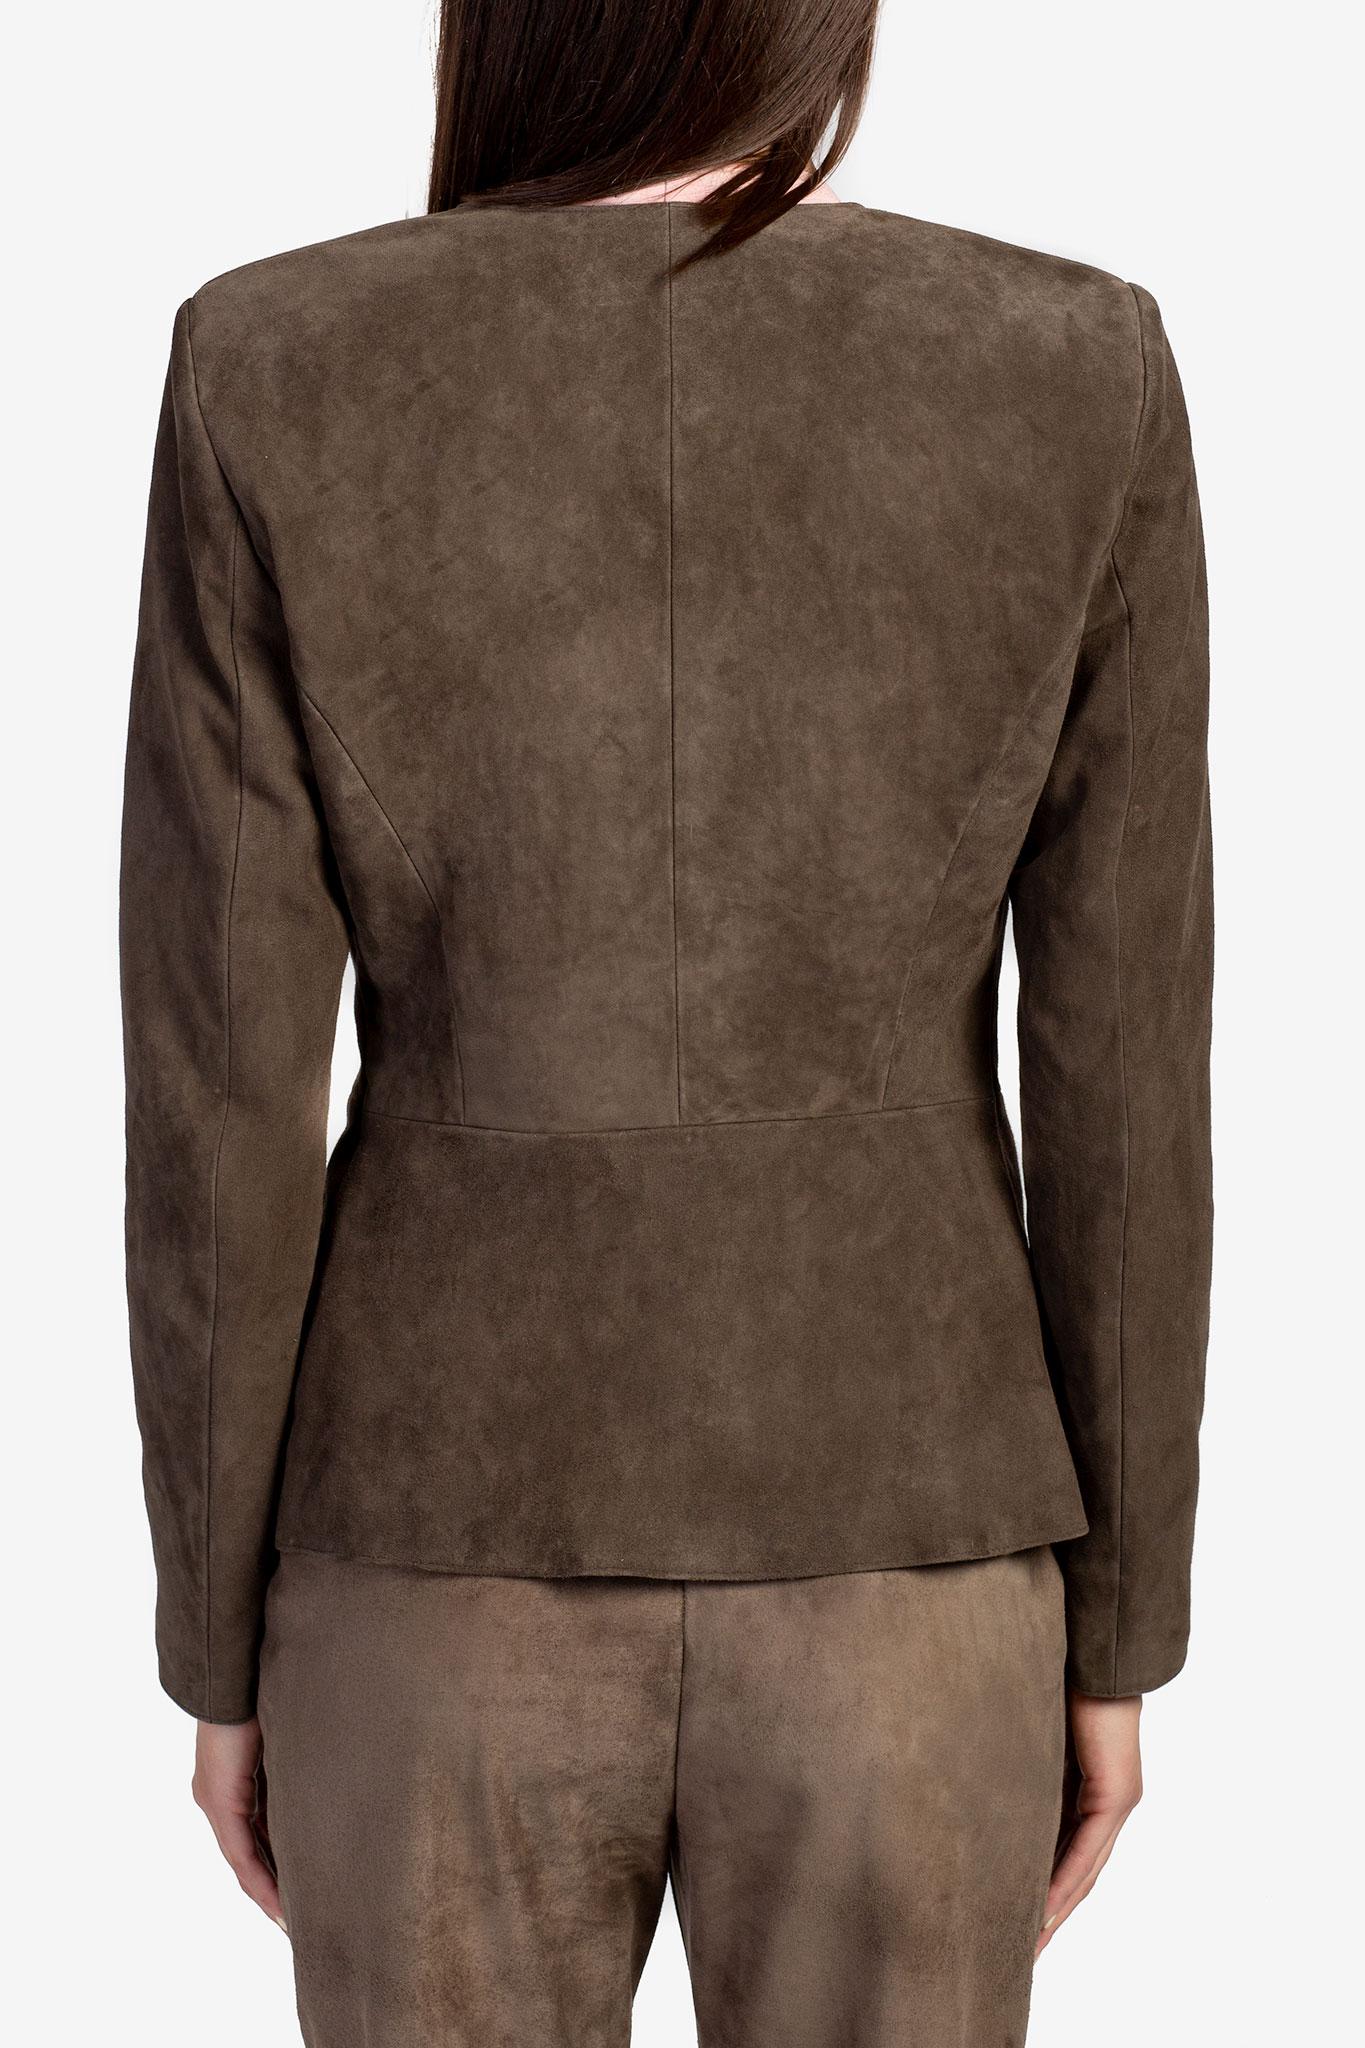 Pantaloni din piele intoarsa Acob a Porter imagine 2